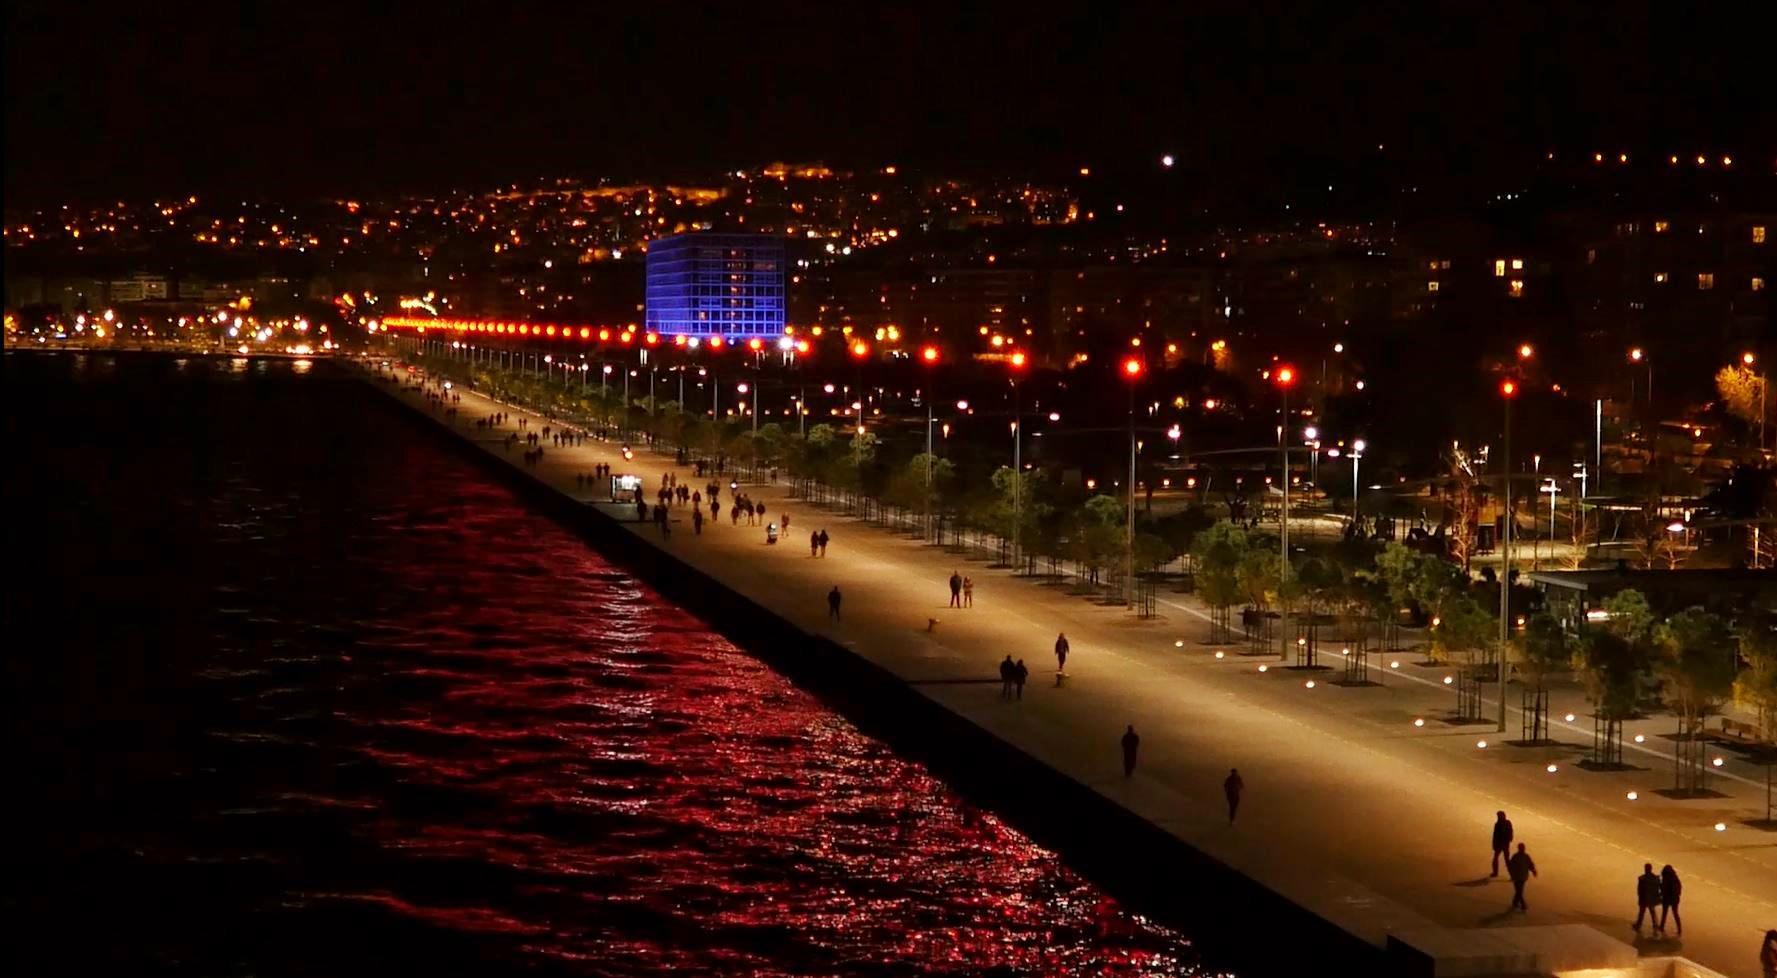 Παραλία - Waterfront